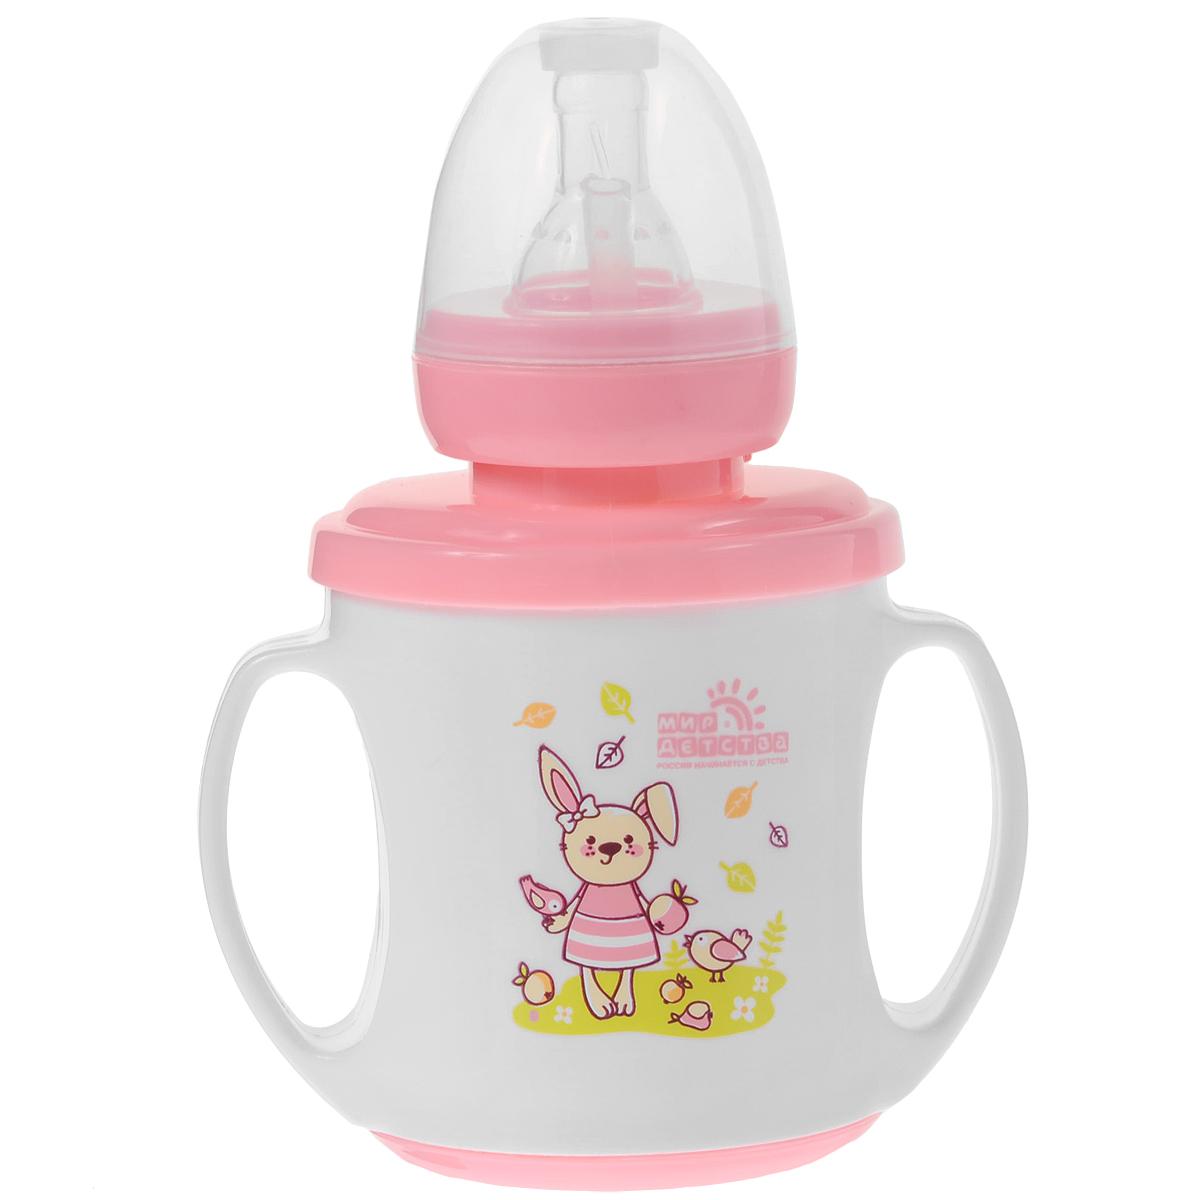 Поильник-трансформер Мир детства, с ручками, от 6 месяцев, цвет: розовый, 200 мл17031 розовый